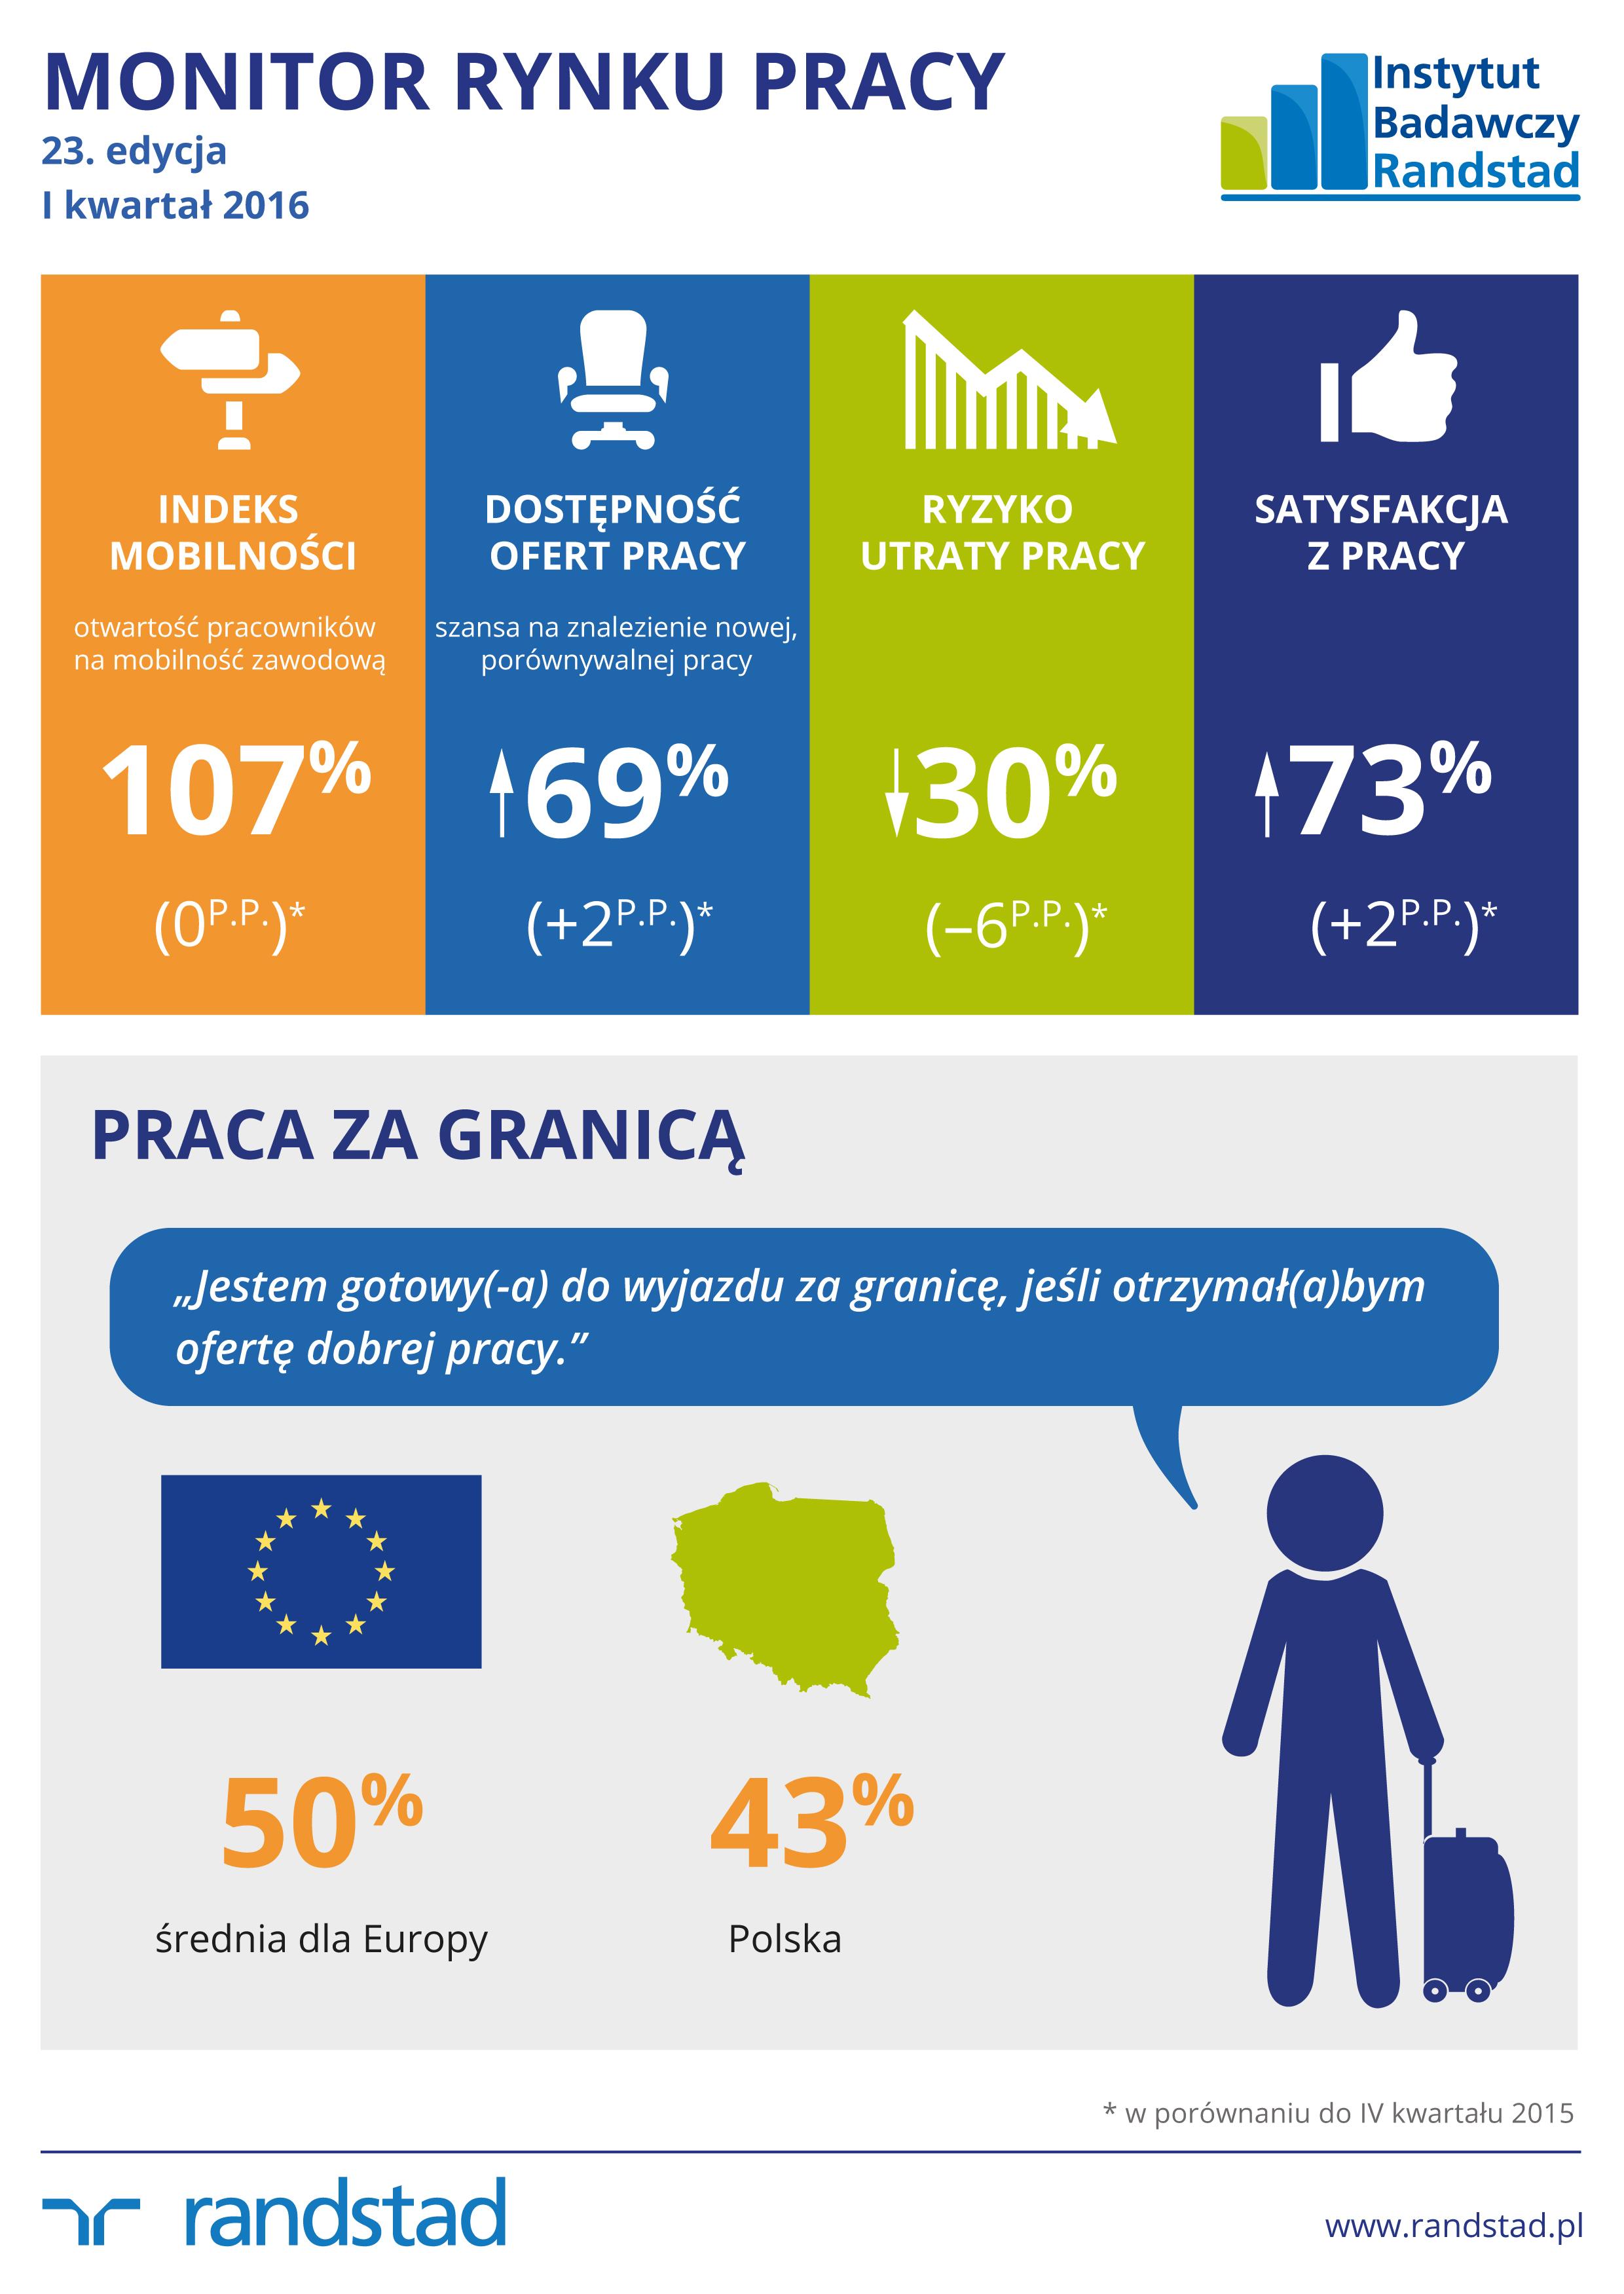 monitor rynku pracy 2016